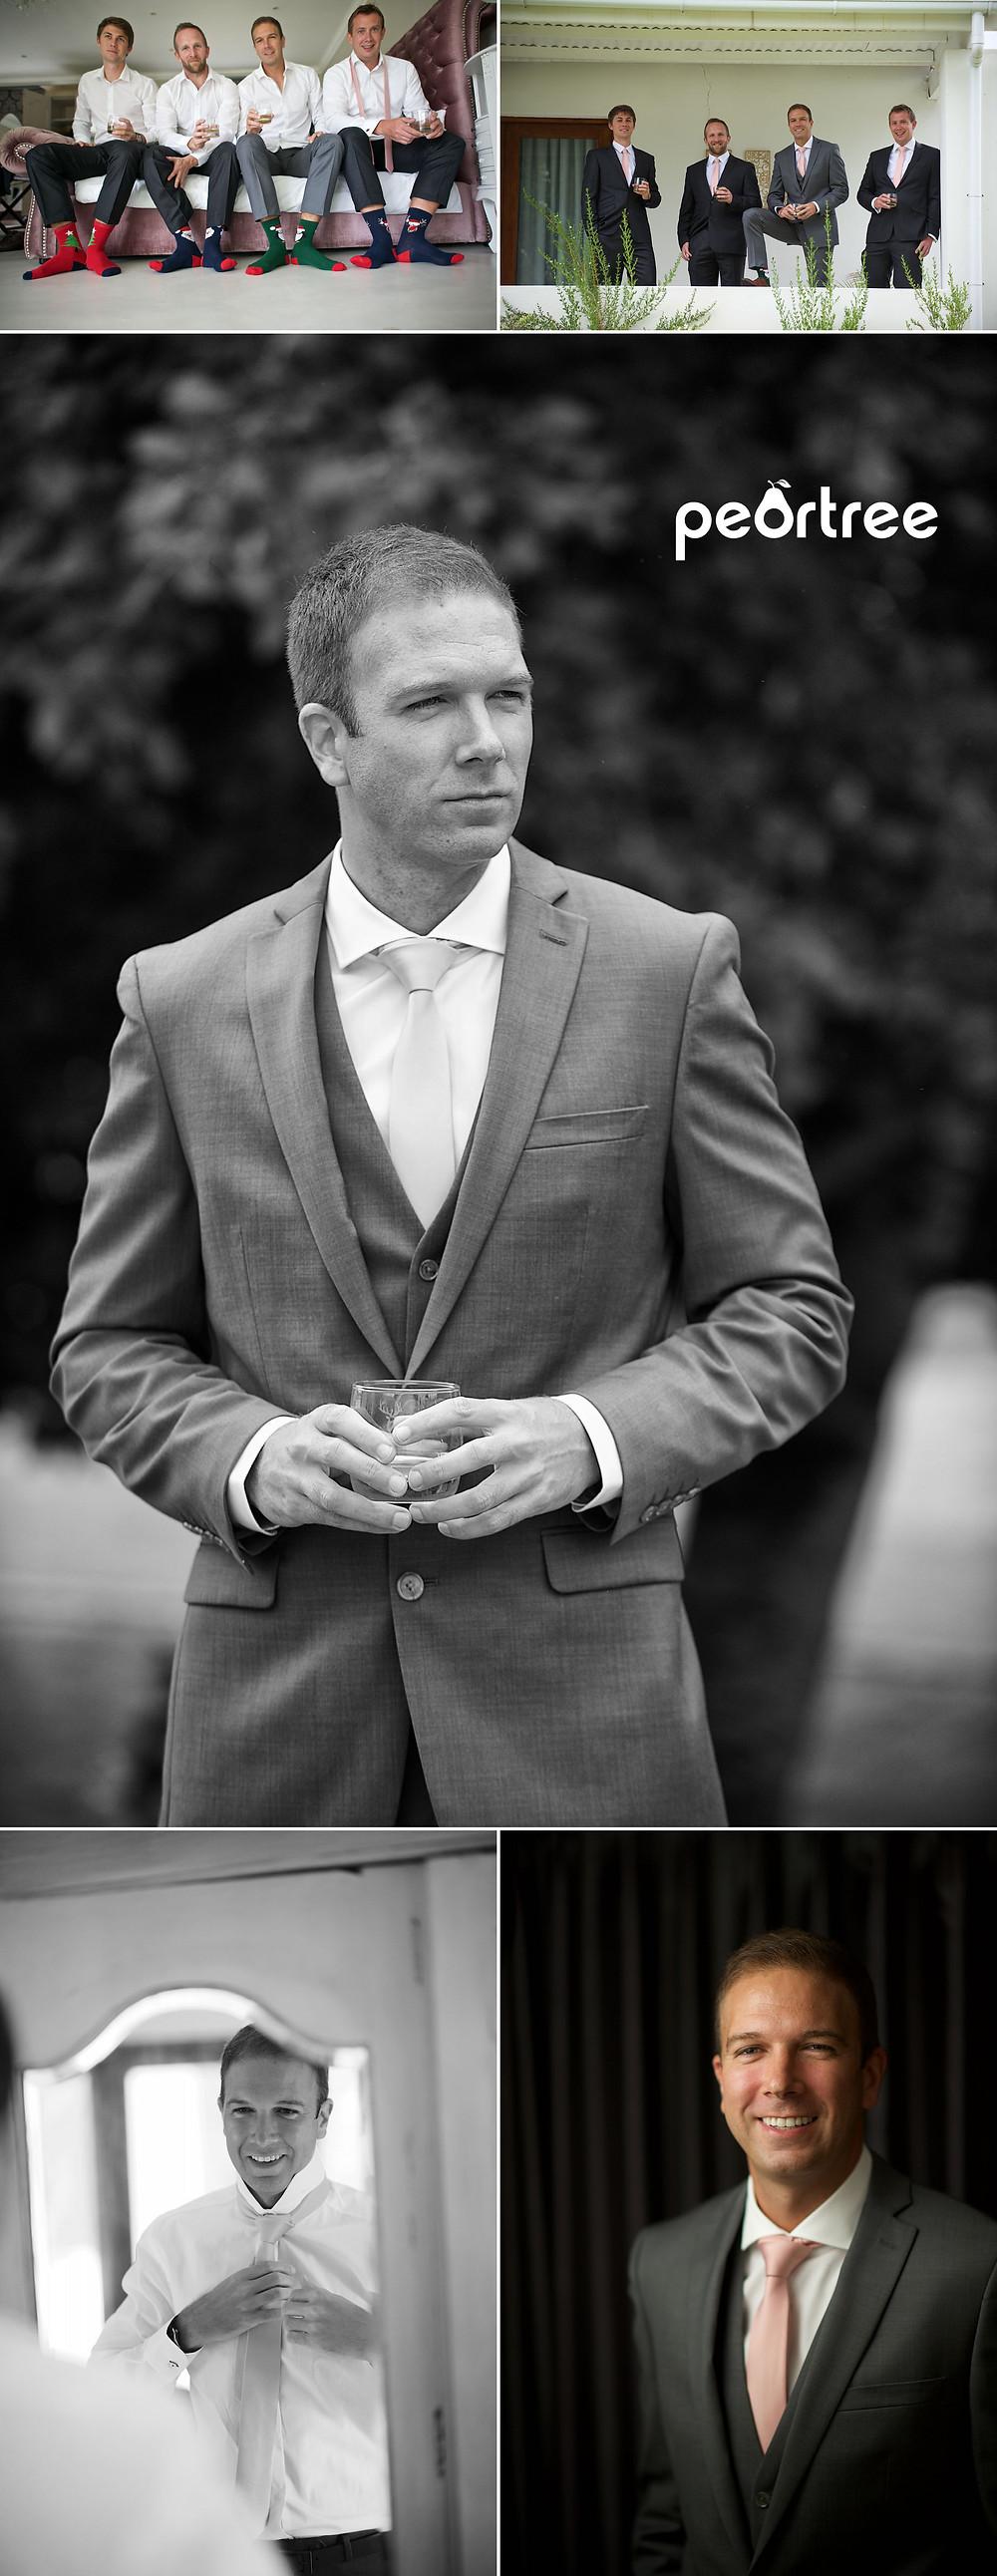 Zorgvliet Wedding Photography 1